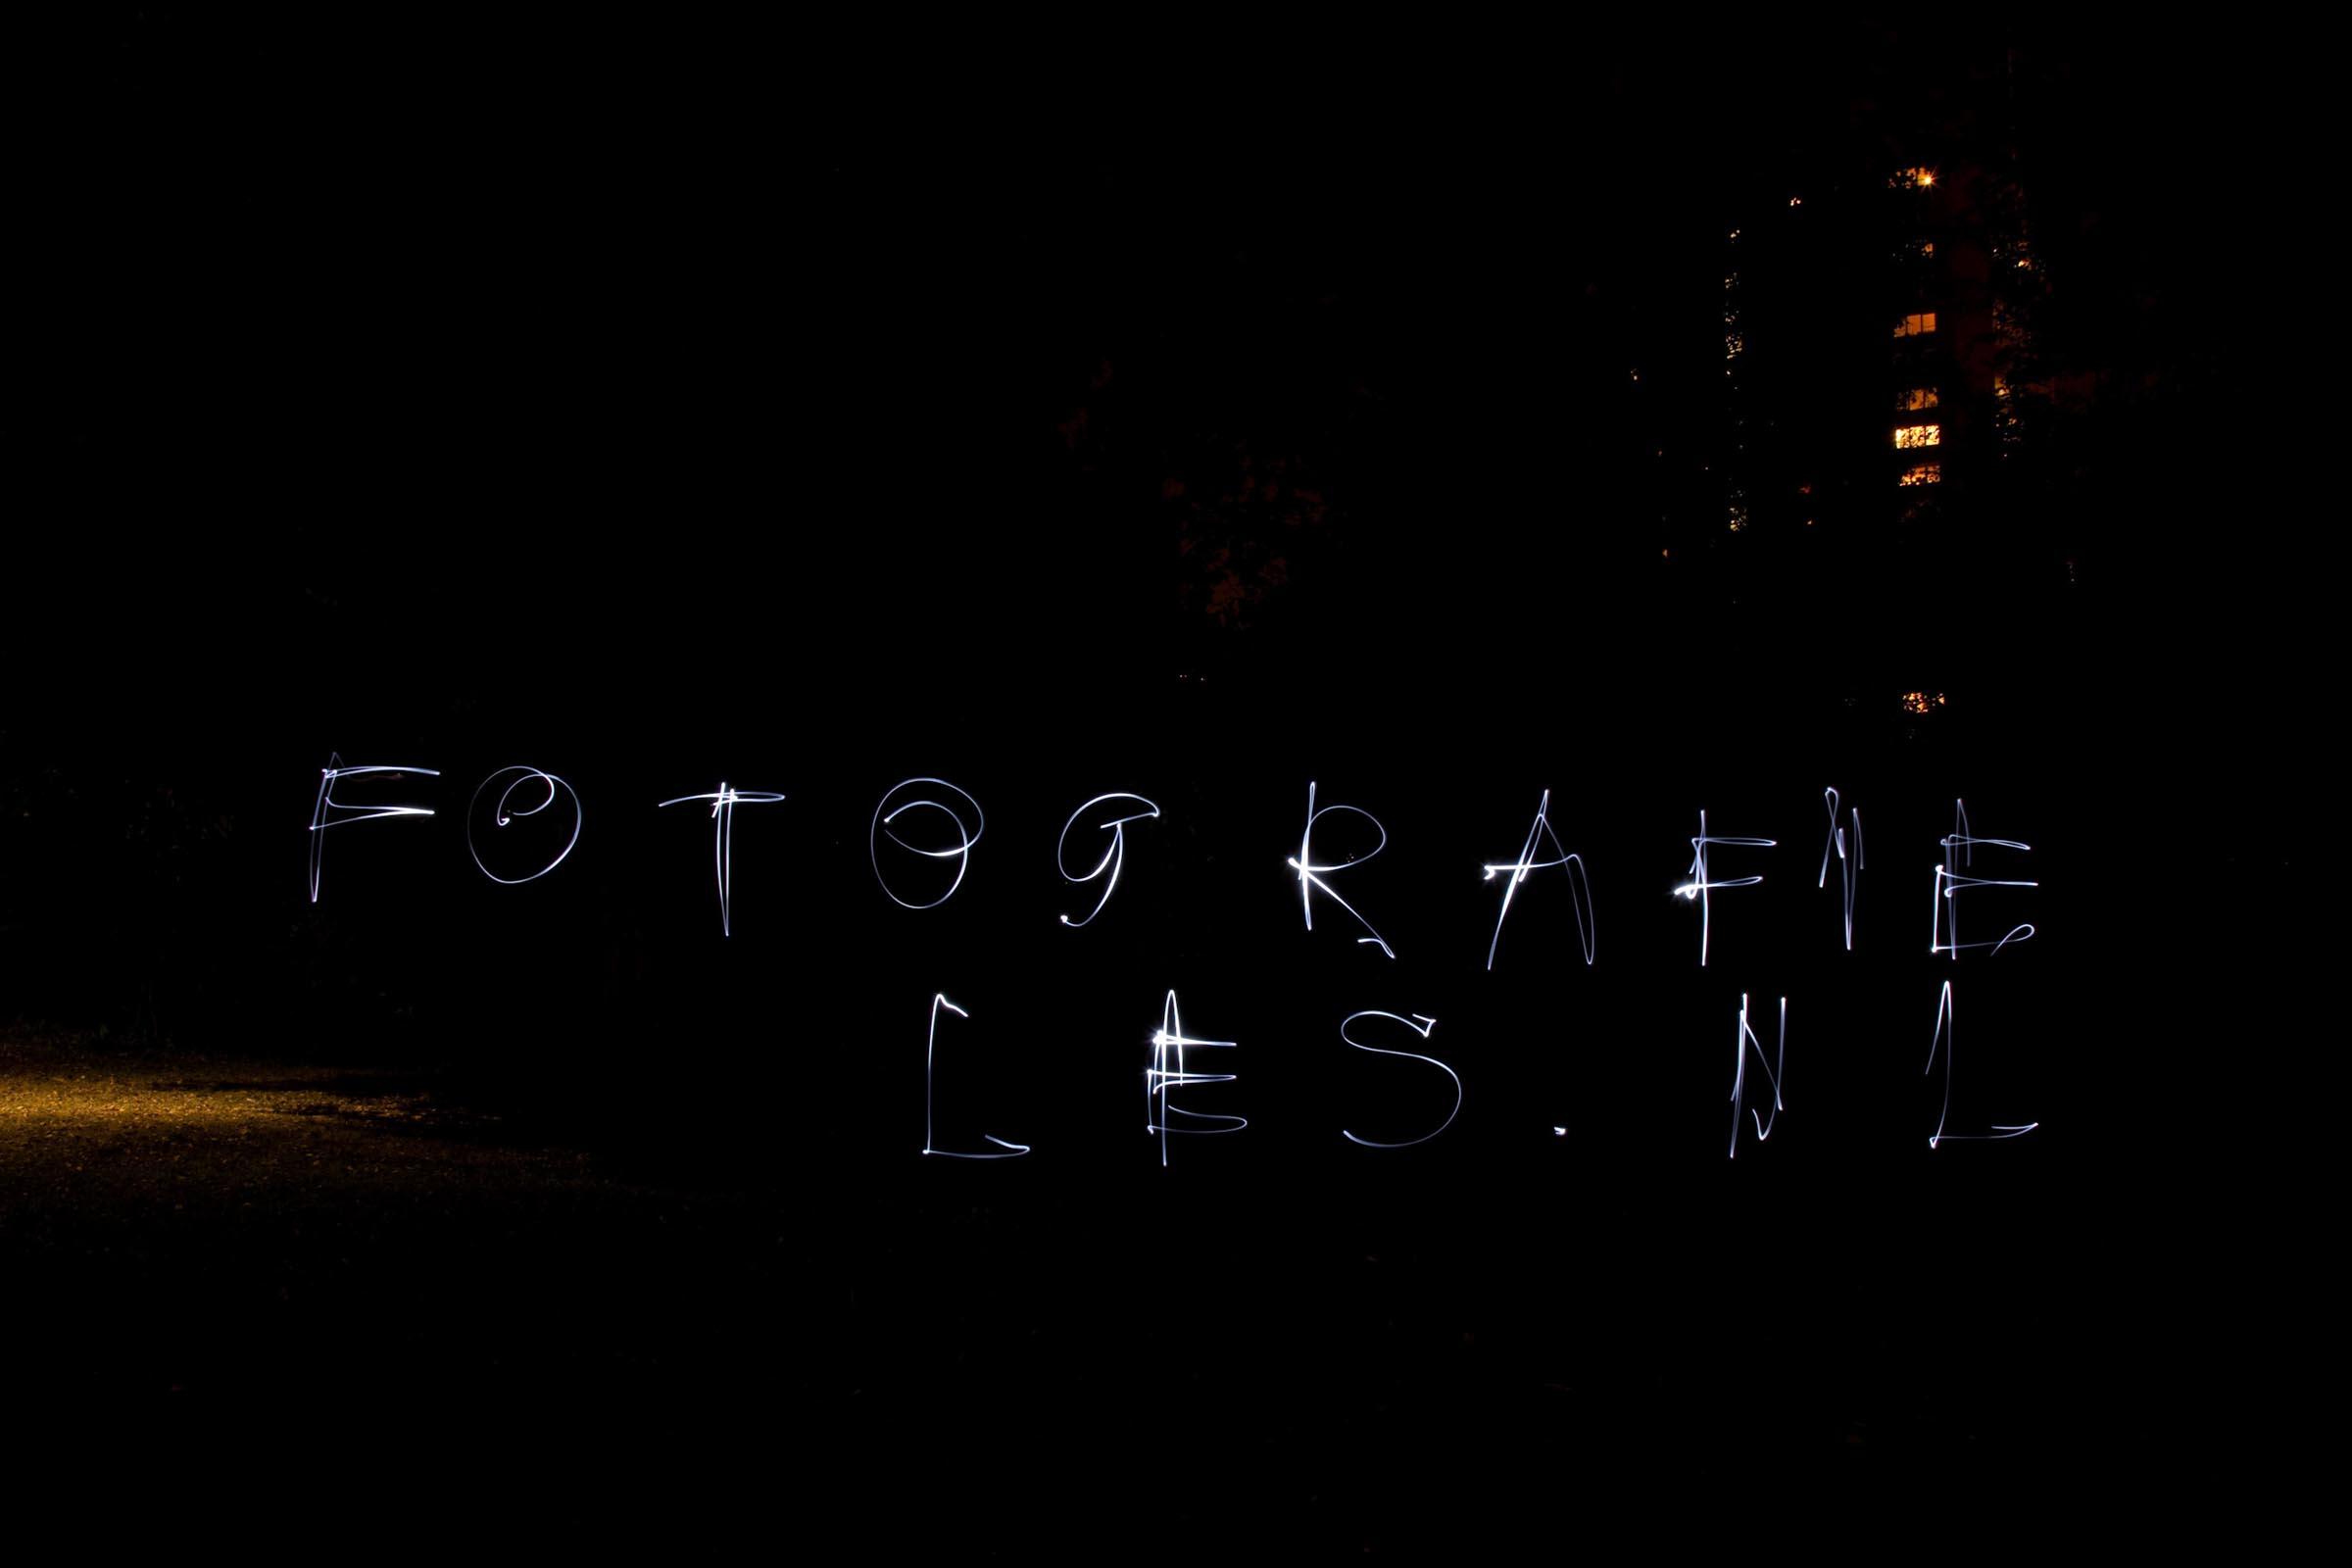 image from Schrijven met het licht van een zaklamp of andere lichtbron